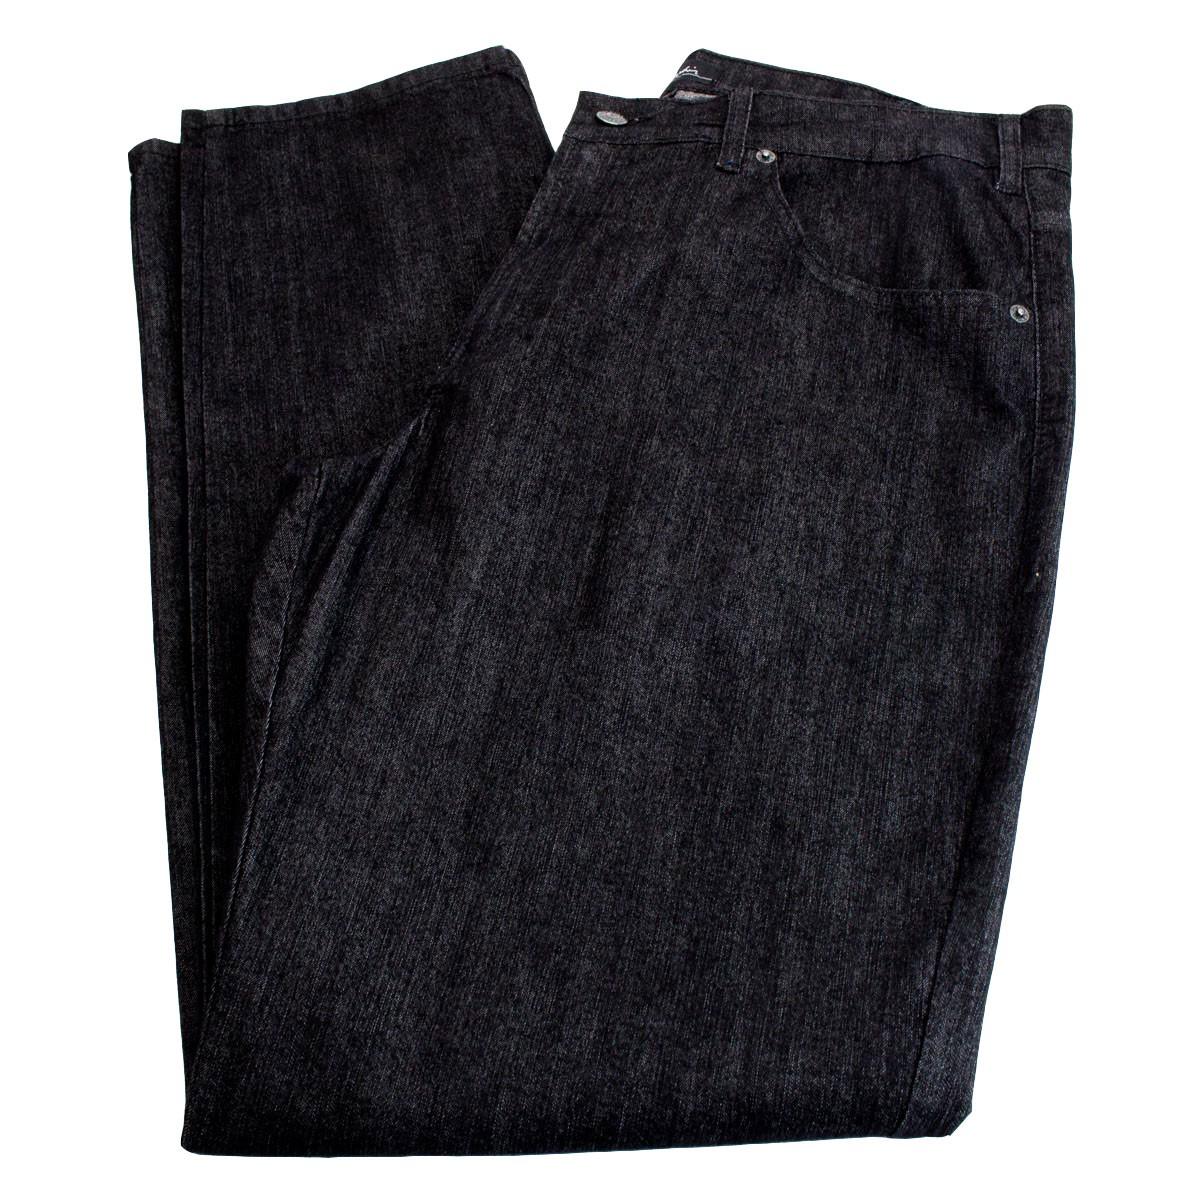 Bizz Store - Calça Jeans Masculina Pierre Cardin New Fit Elastano b5f23b36e26